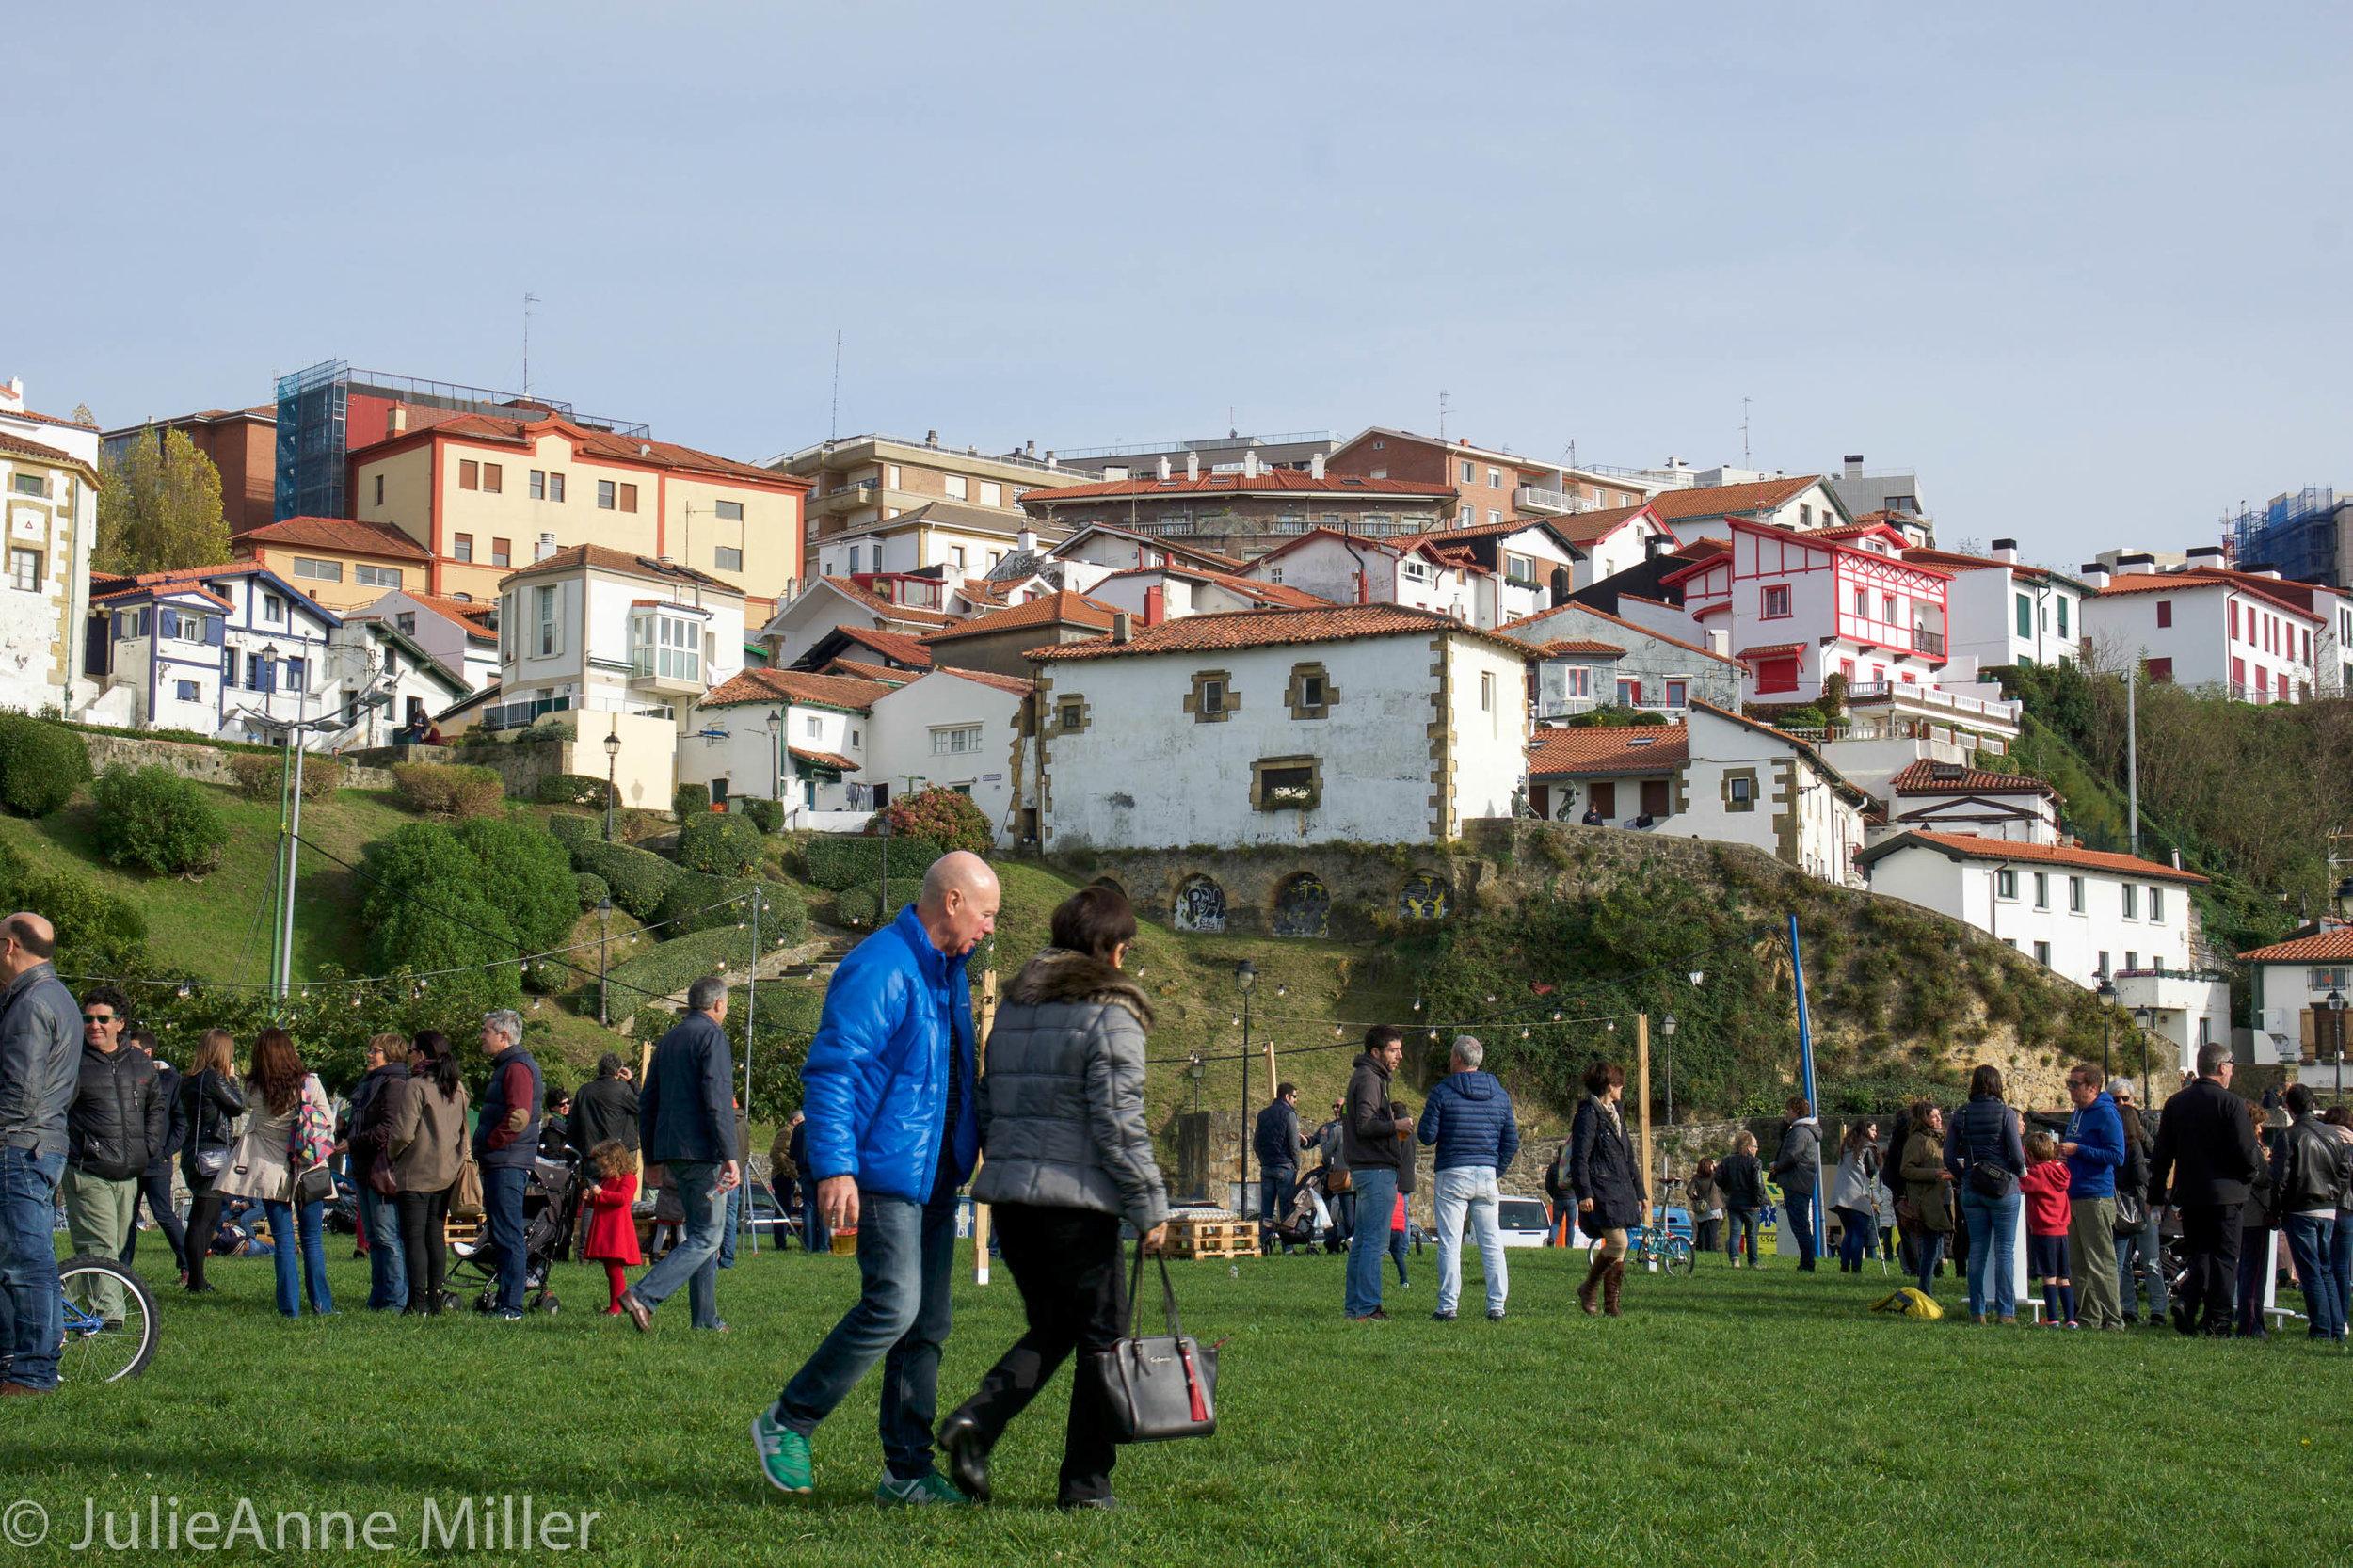 Getxo, Basque, Spain